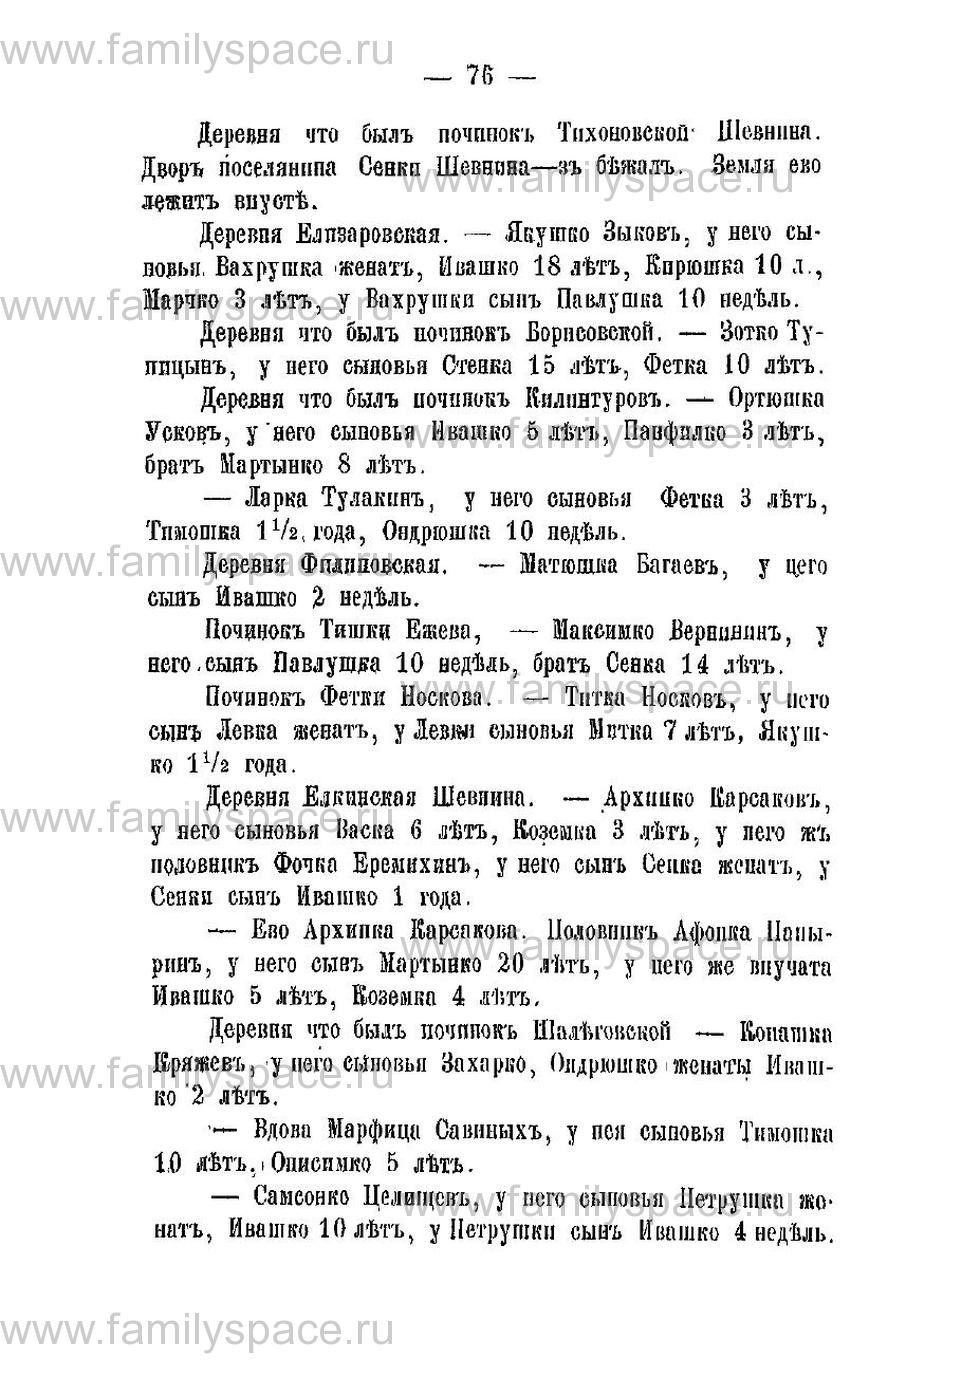 Поиск по фамилии - Переписная книга Орлова и волостей 1678 г, страница 72